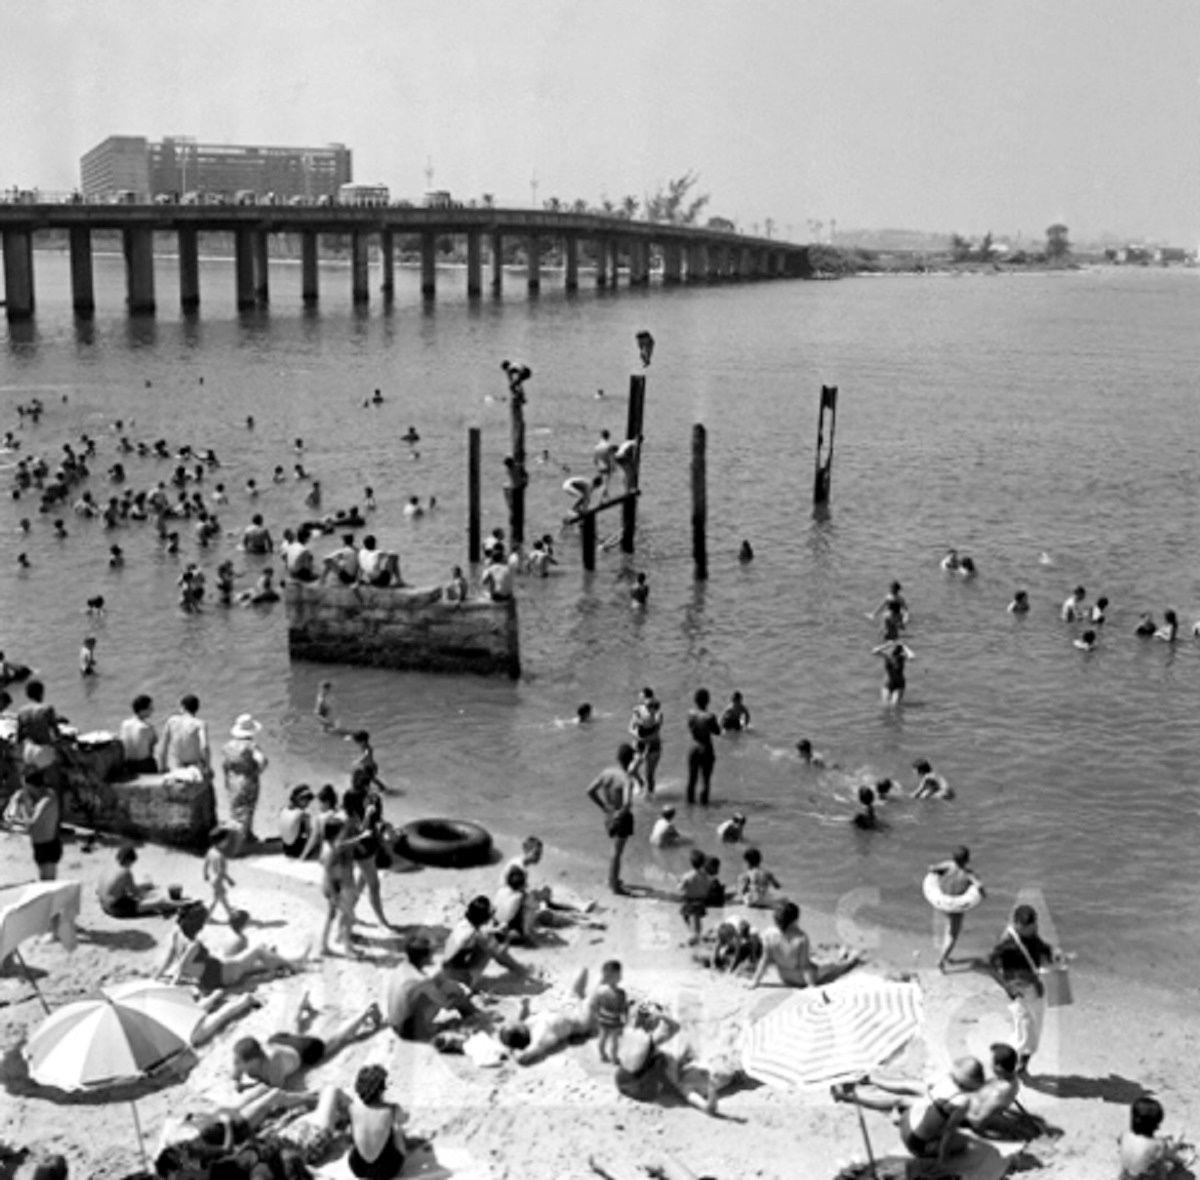 Praia do Galeão,  anos 60.  https://www.facebook.com/Guarantiga/photos/a.490233921007939.115673.490210317676966/553186158046048/?type=1&theater